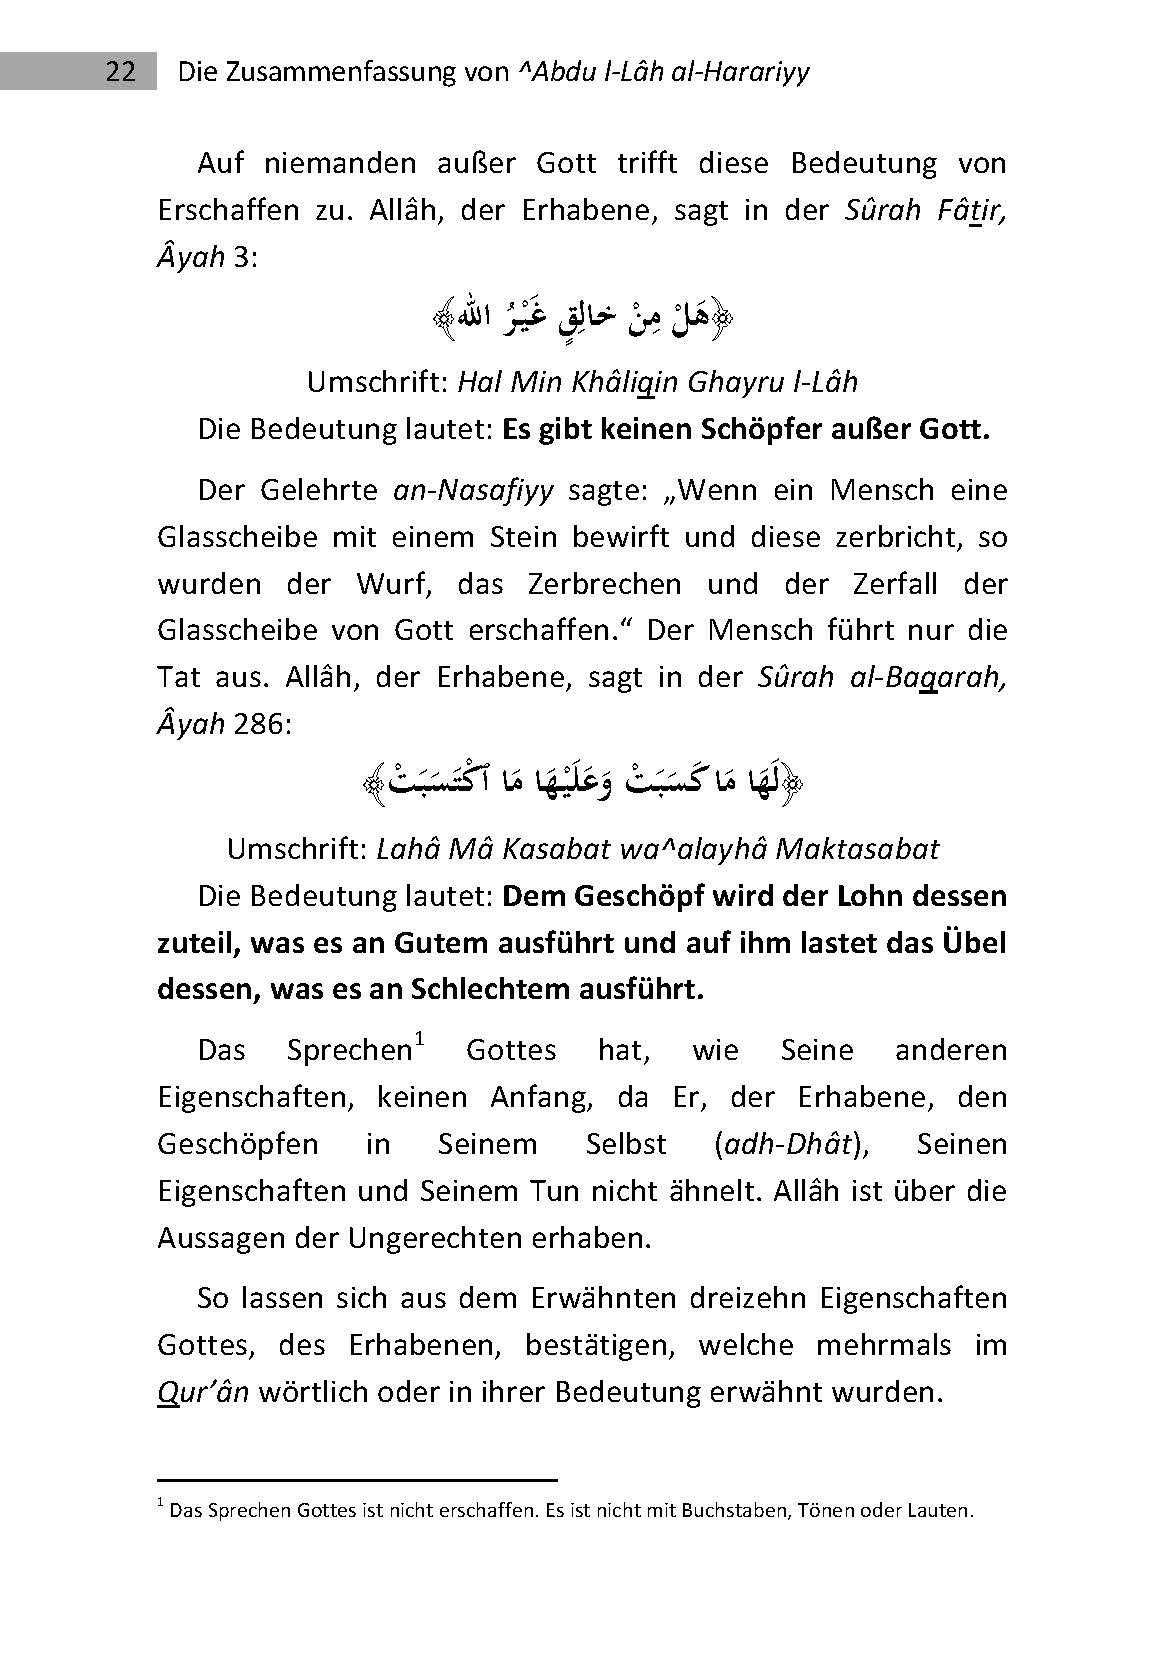 Die Zusammenfassung - 3. Auflage 2014_Seite_22